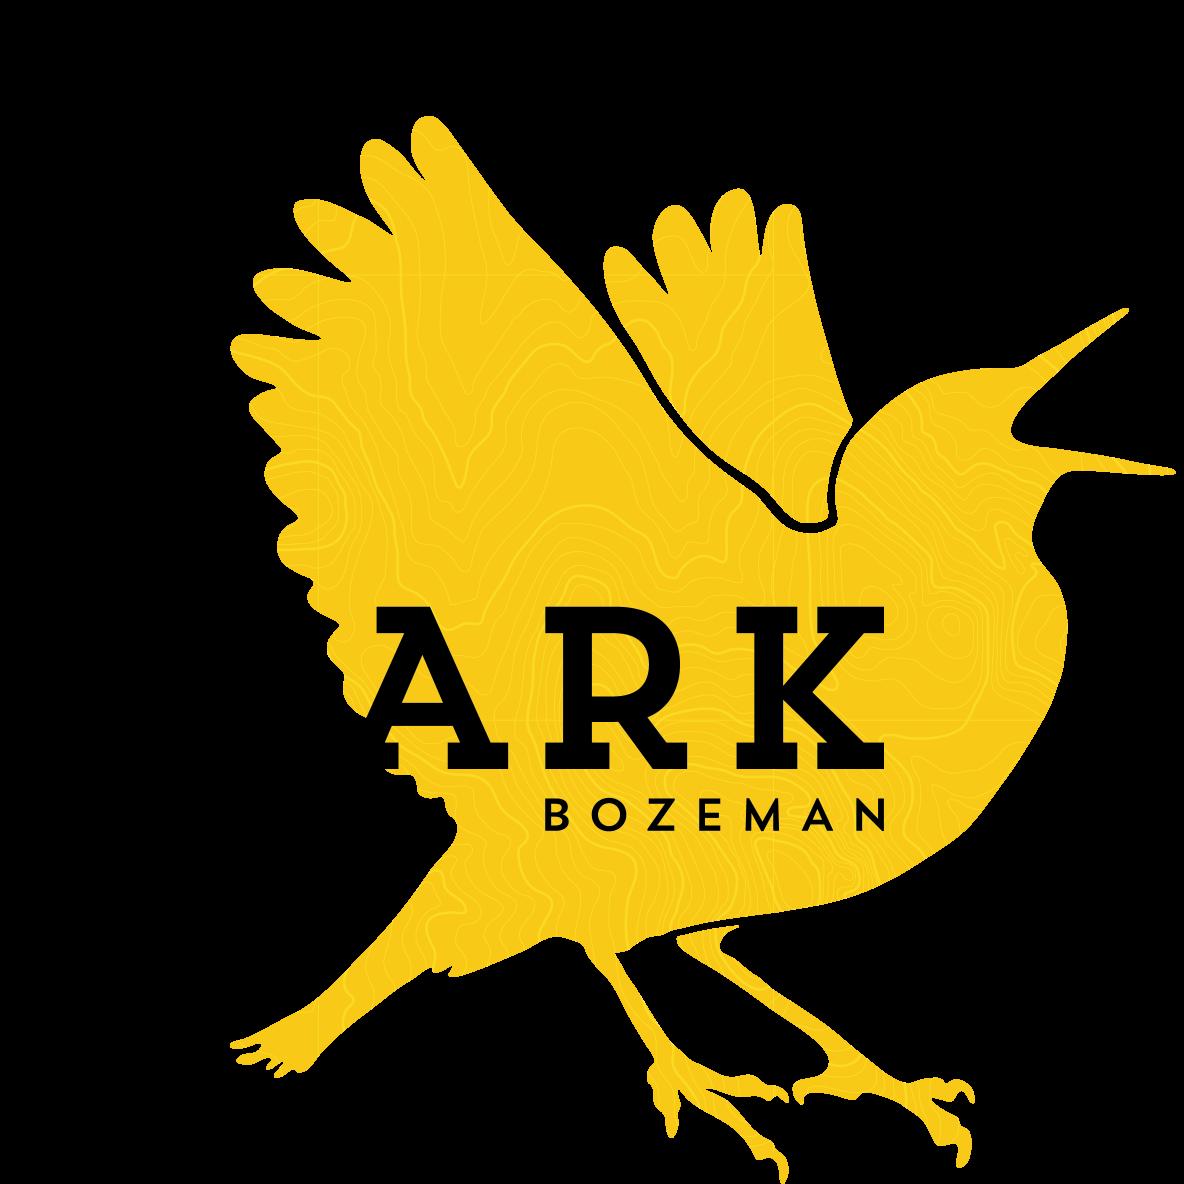 lark_logo